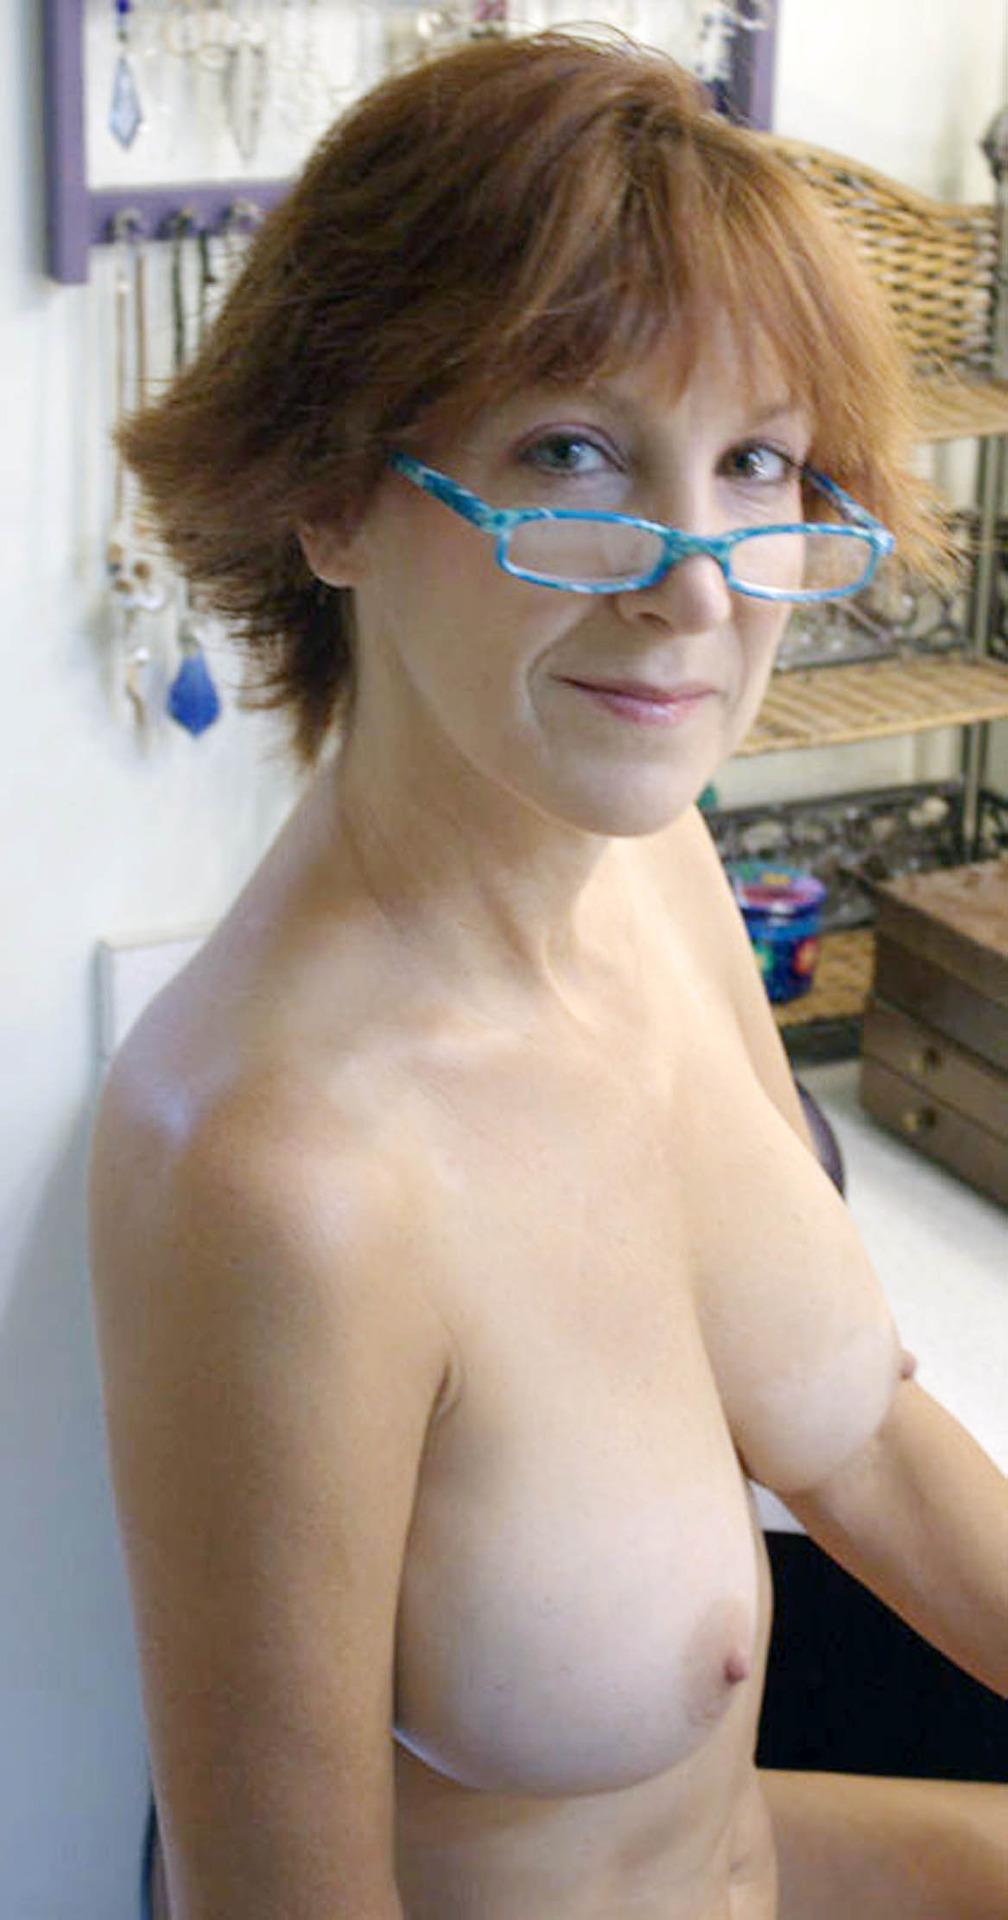 photo-maman-salope-du-16-pour-rencontre-reelle